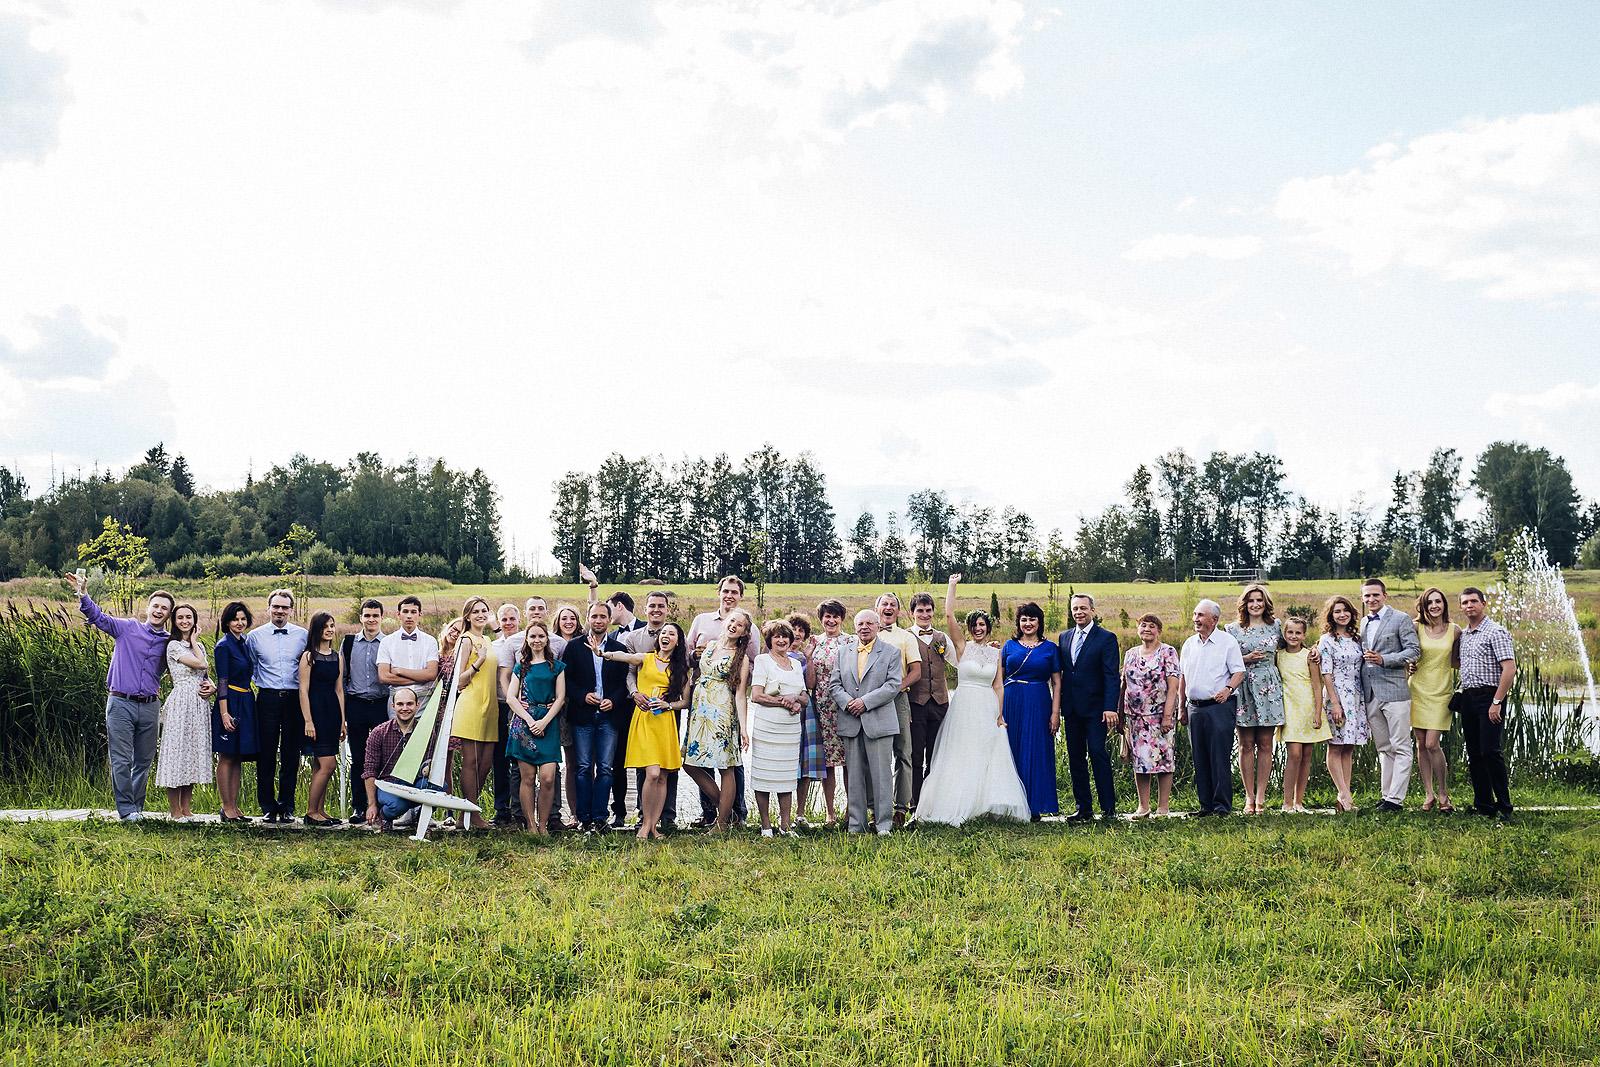 Общее фото с гостями